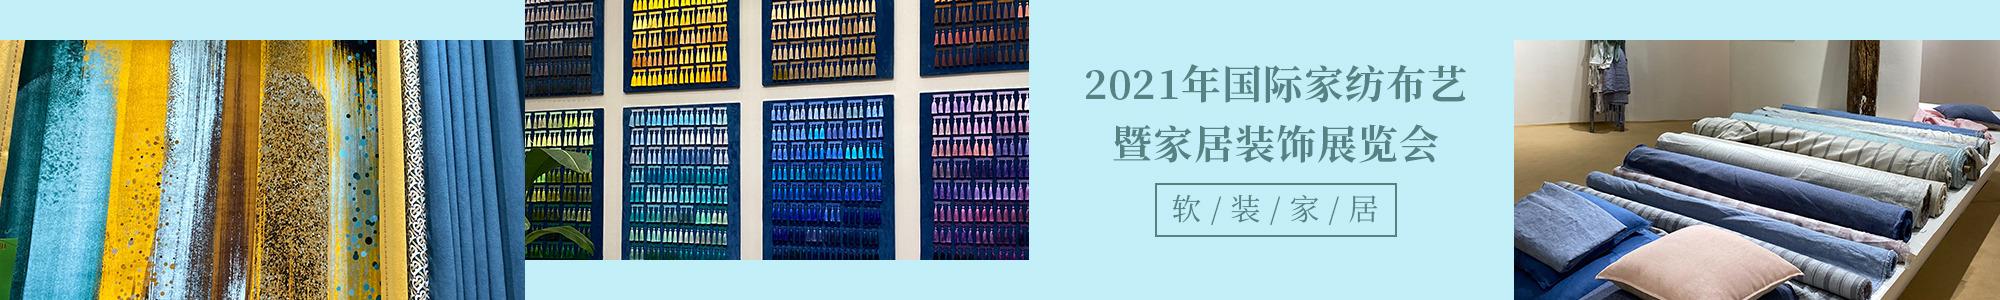 深圳国际家纺布艺暨家居装饰展览会